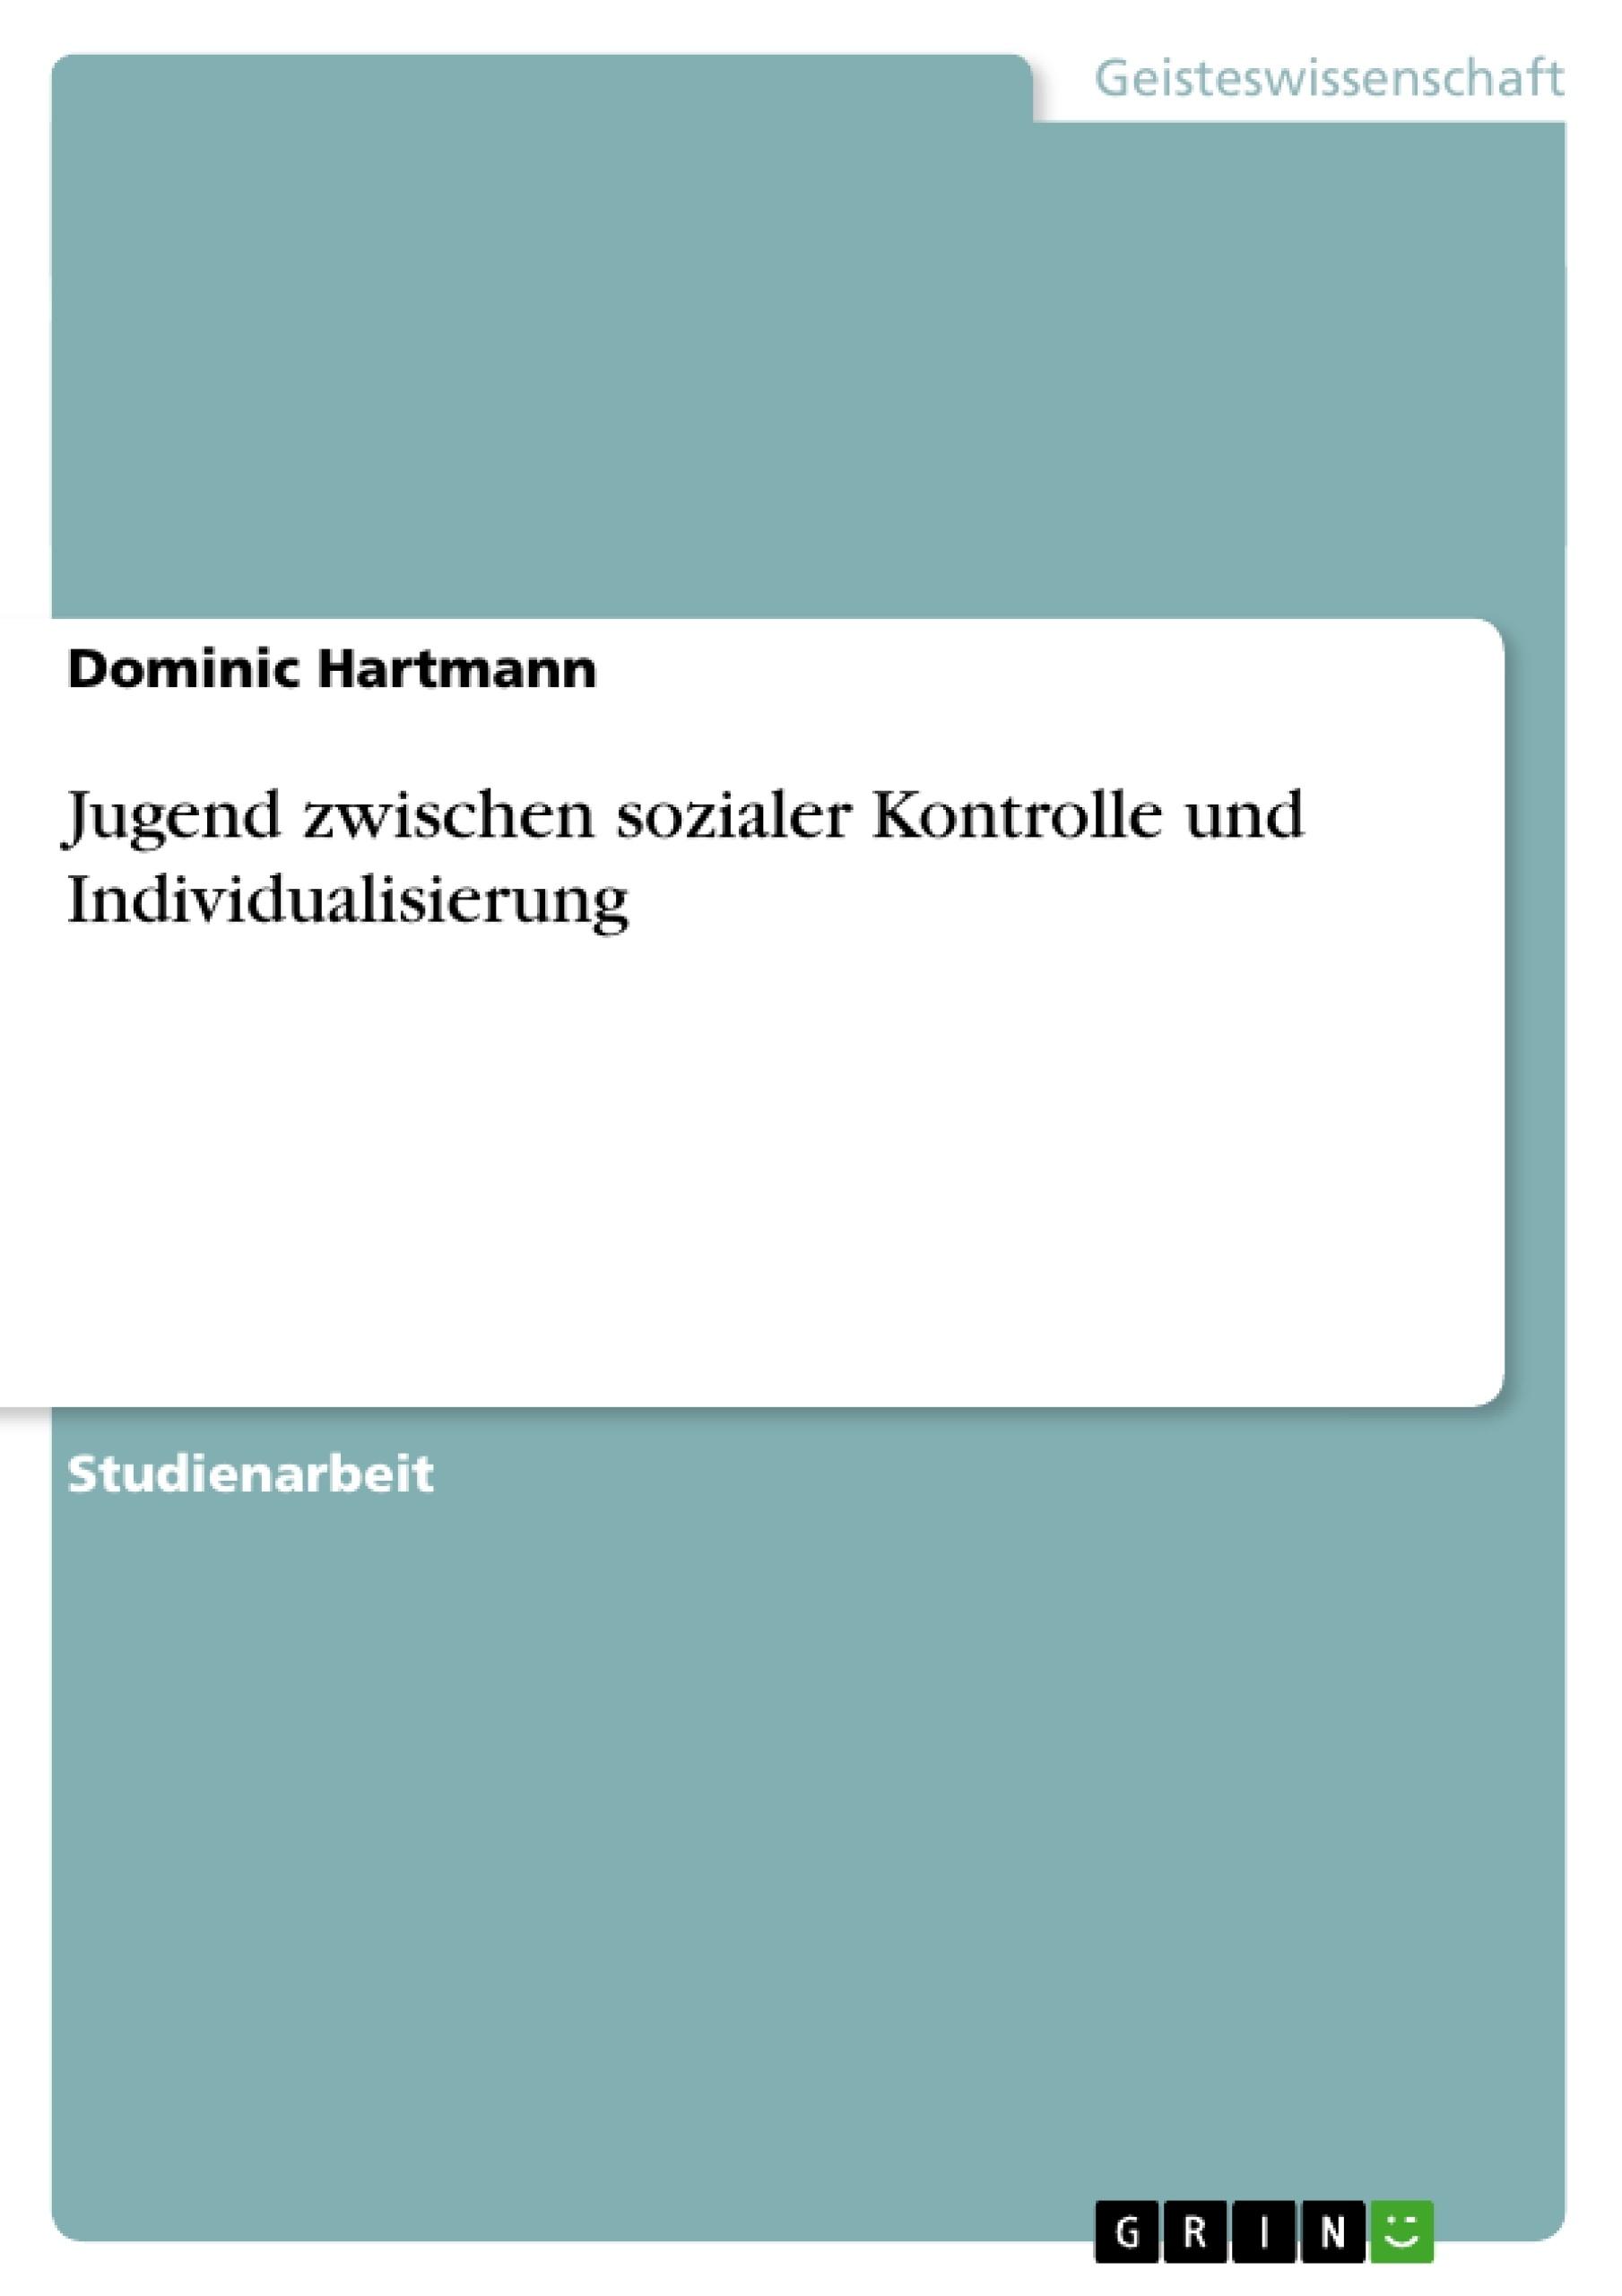 Titel: Jugend zwischen sozialer Kontrolle und Individualisierung